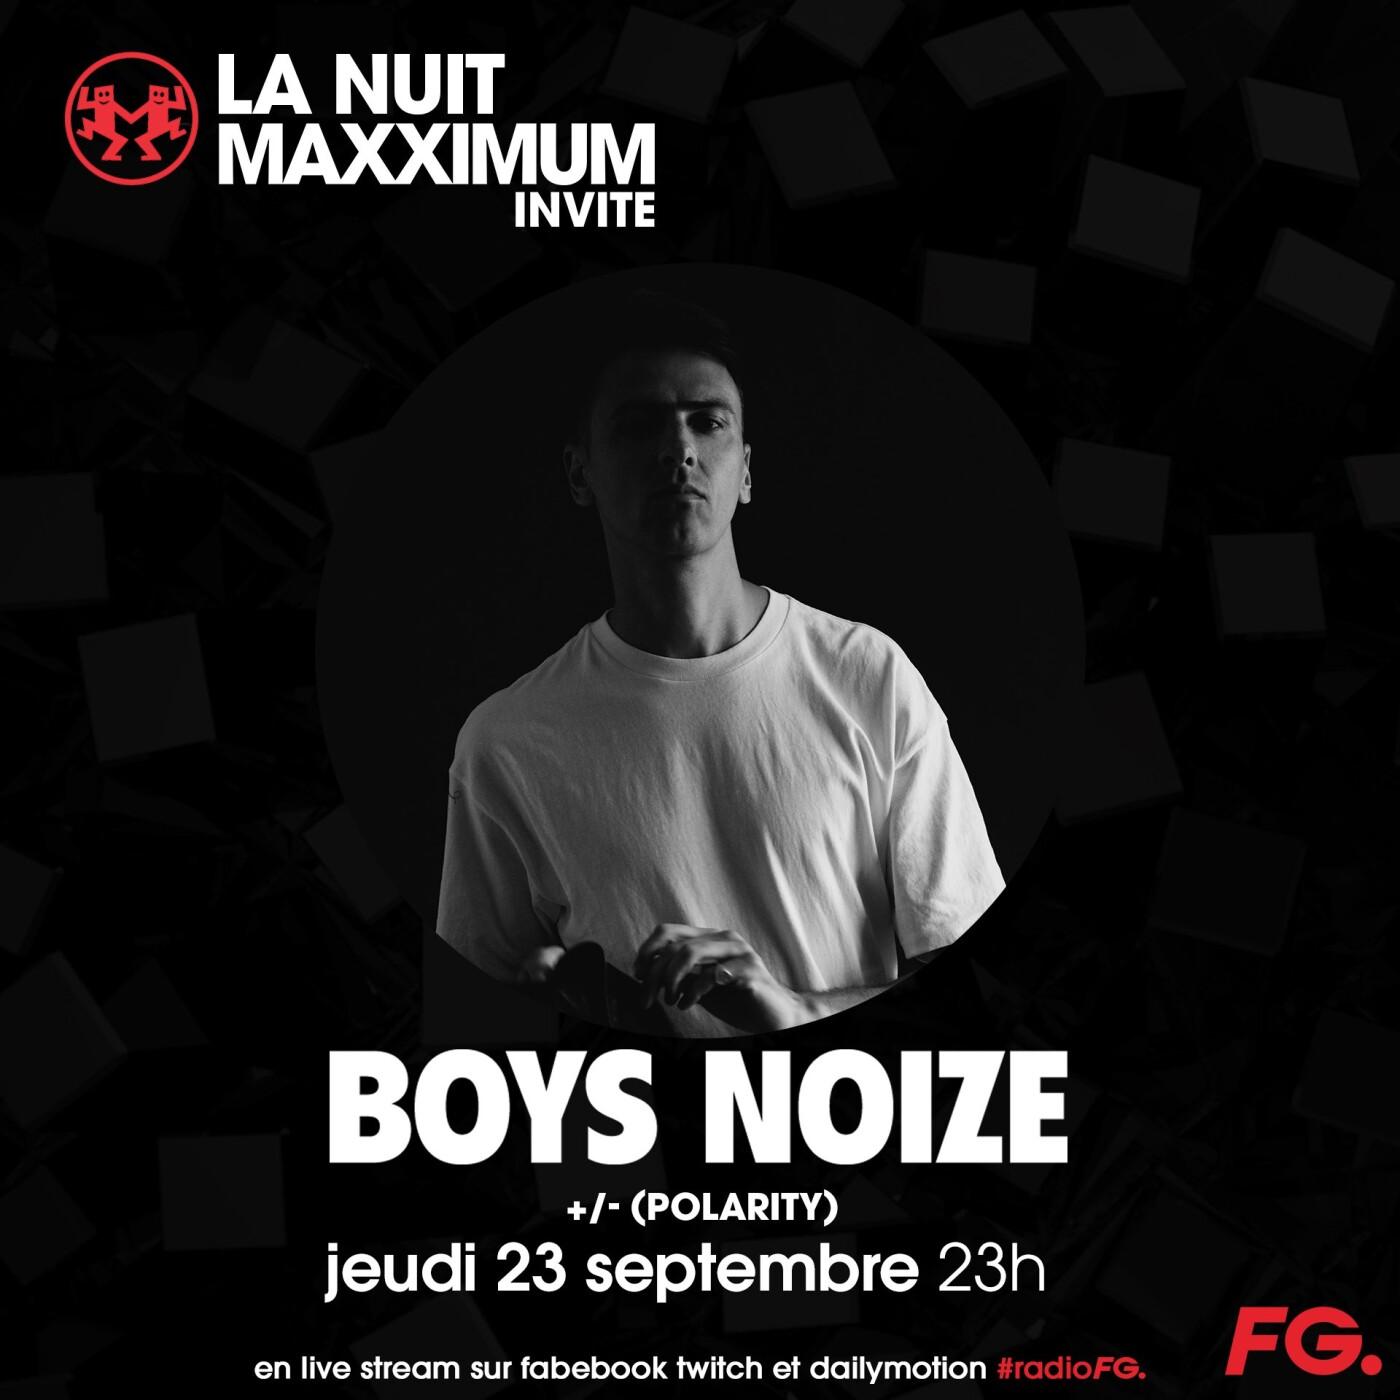 LA NUIT MAXXIMUM SUR FG : BOYS NOIZE